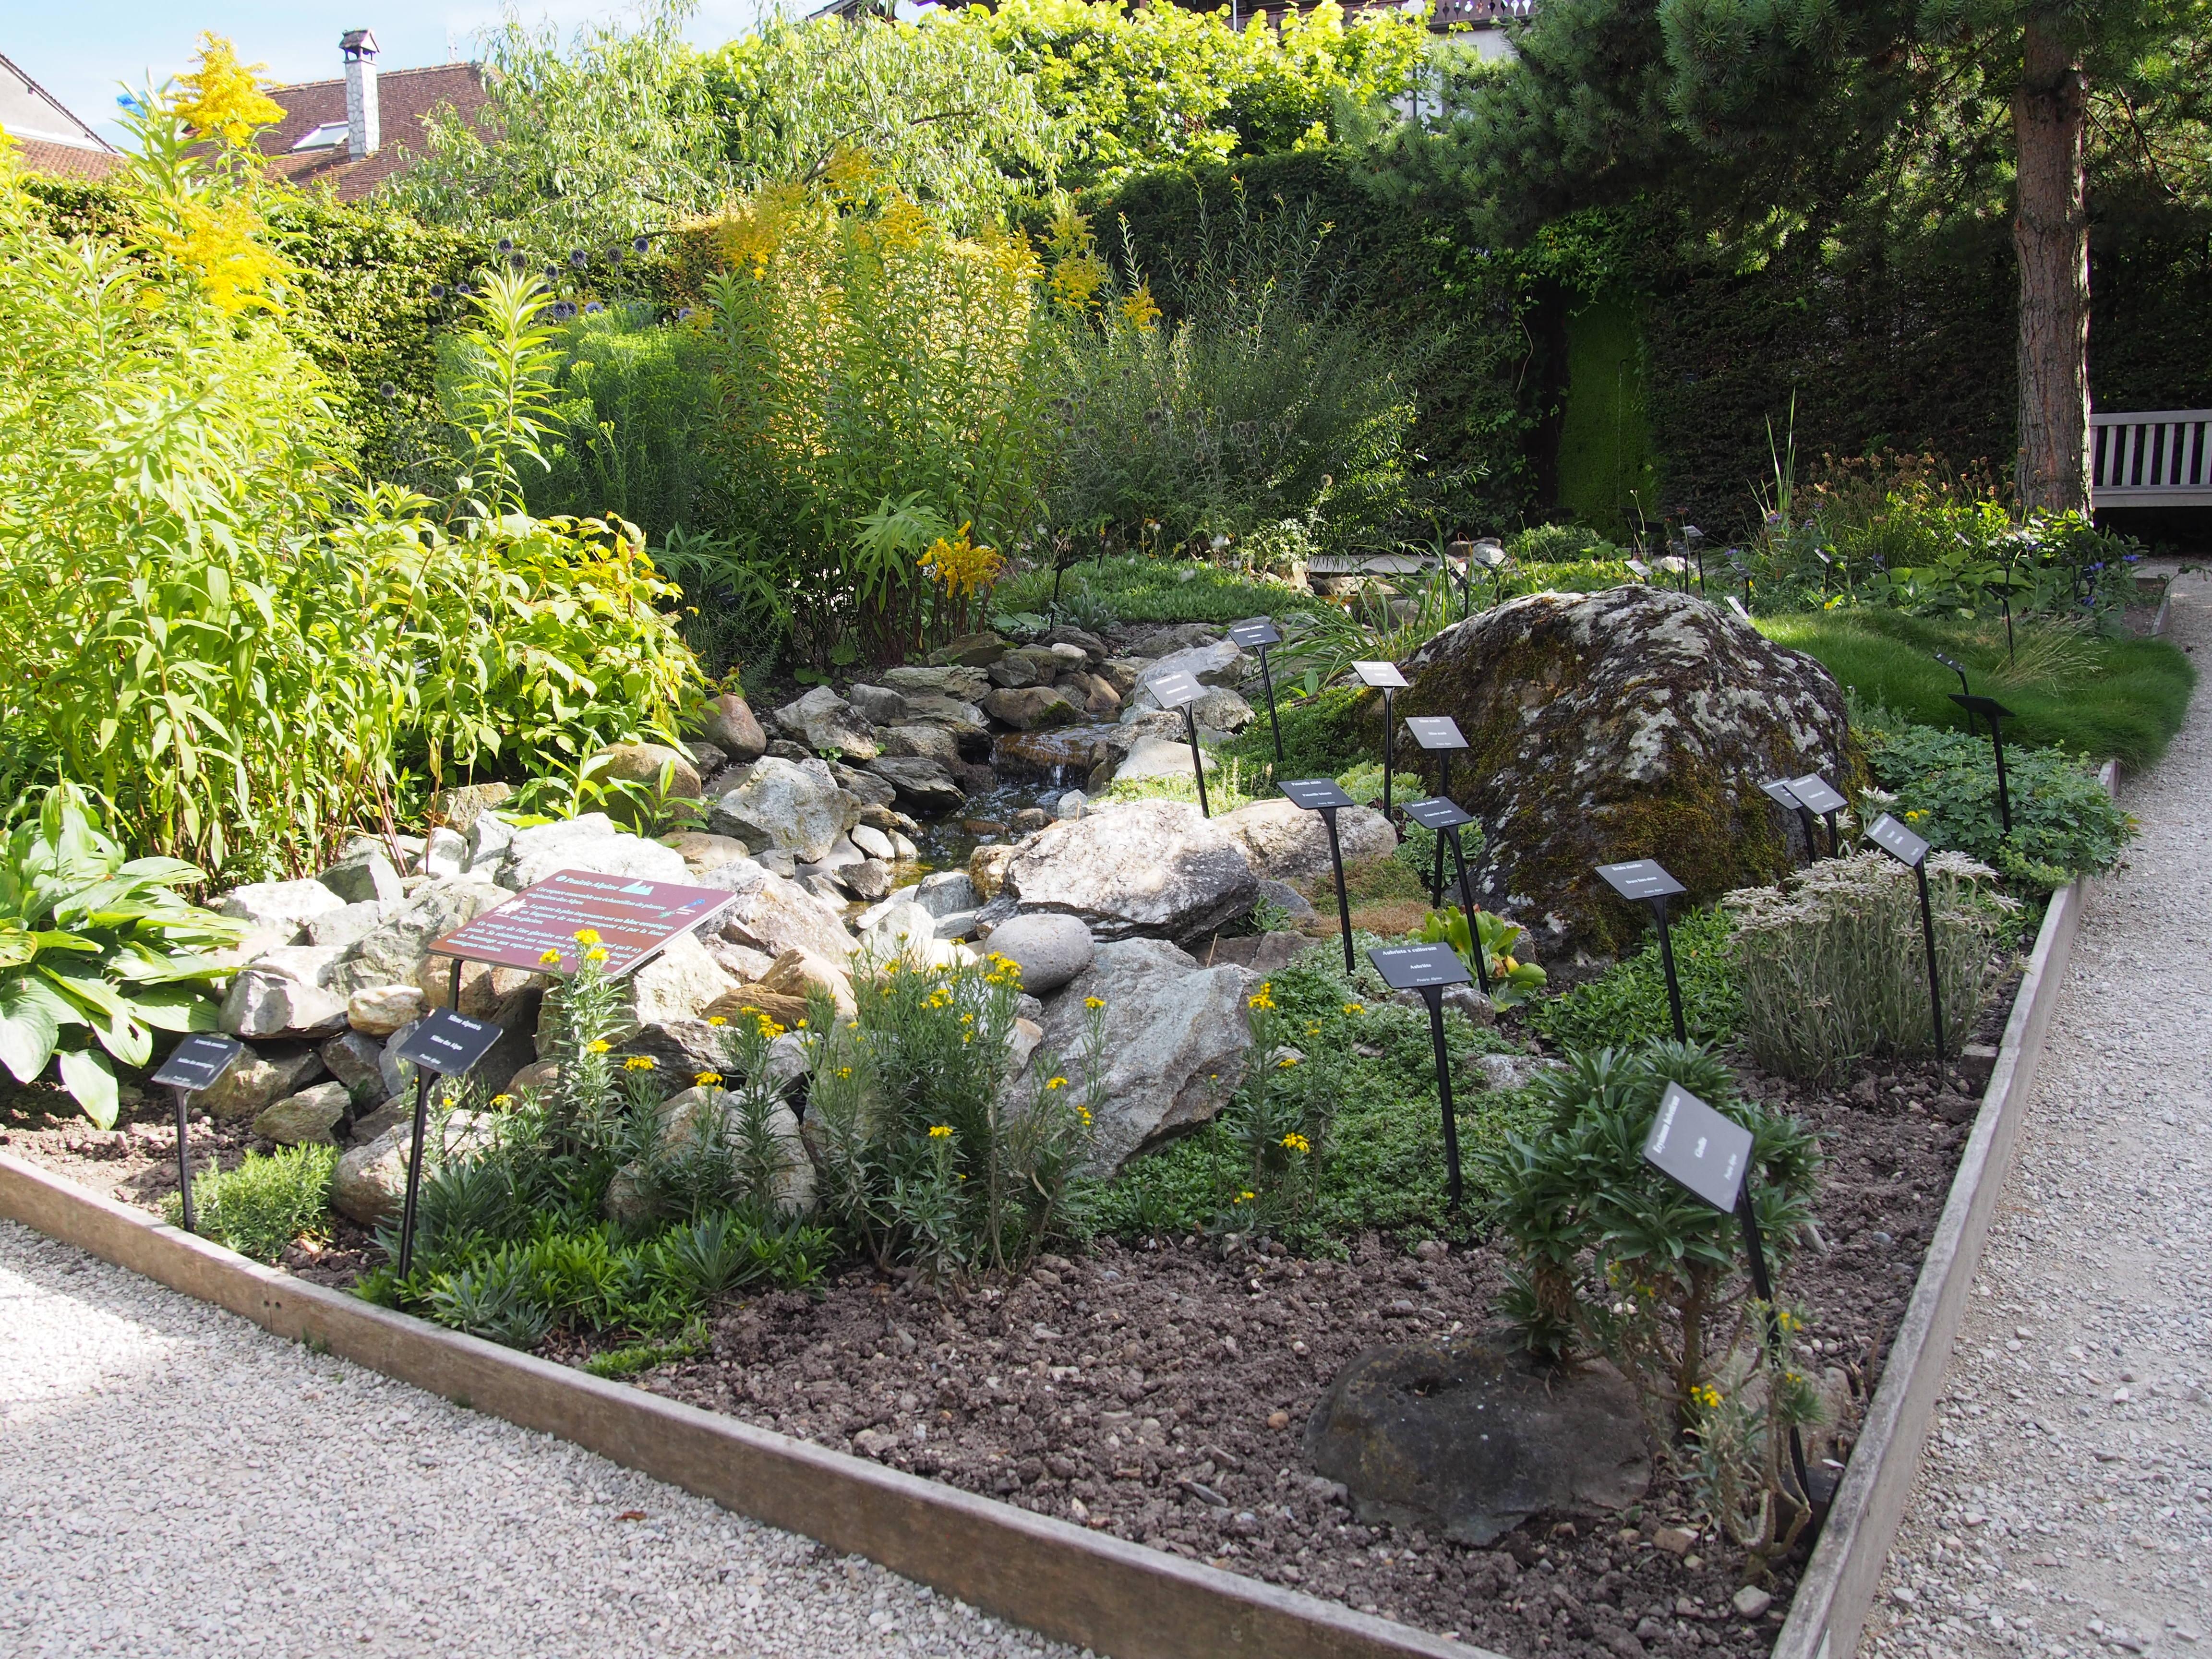 Le jardin des cinq sens claire line 39 s travelogues for Le jardin des 5 sens nantes